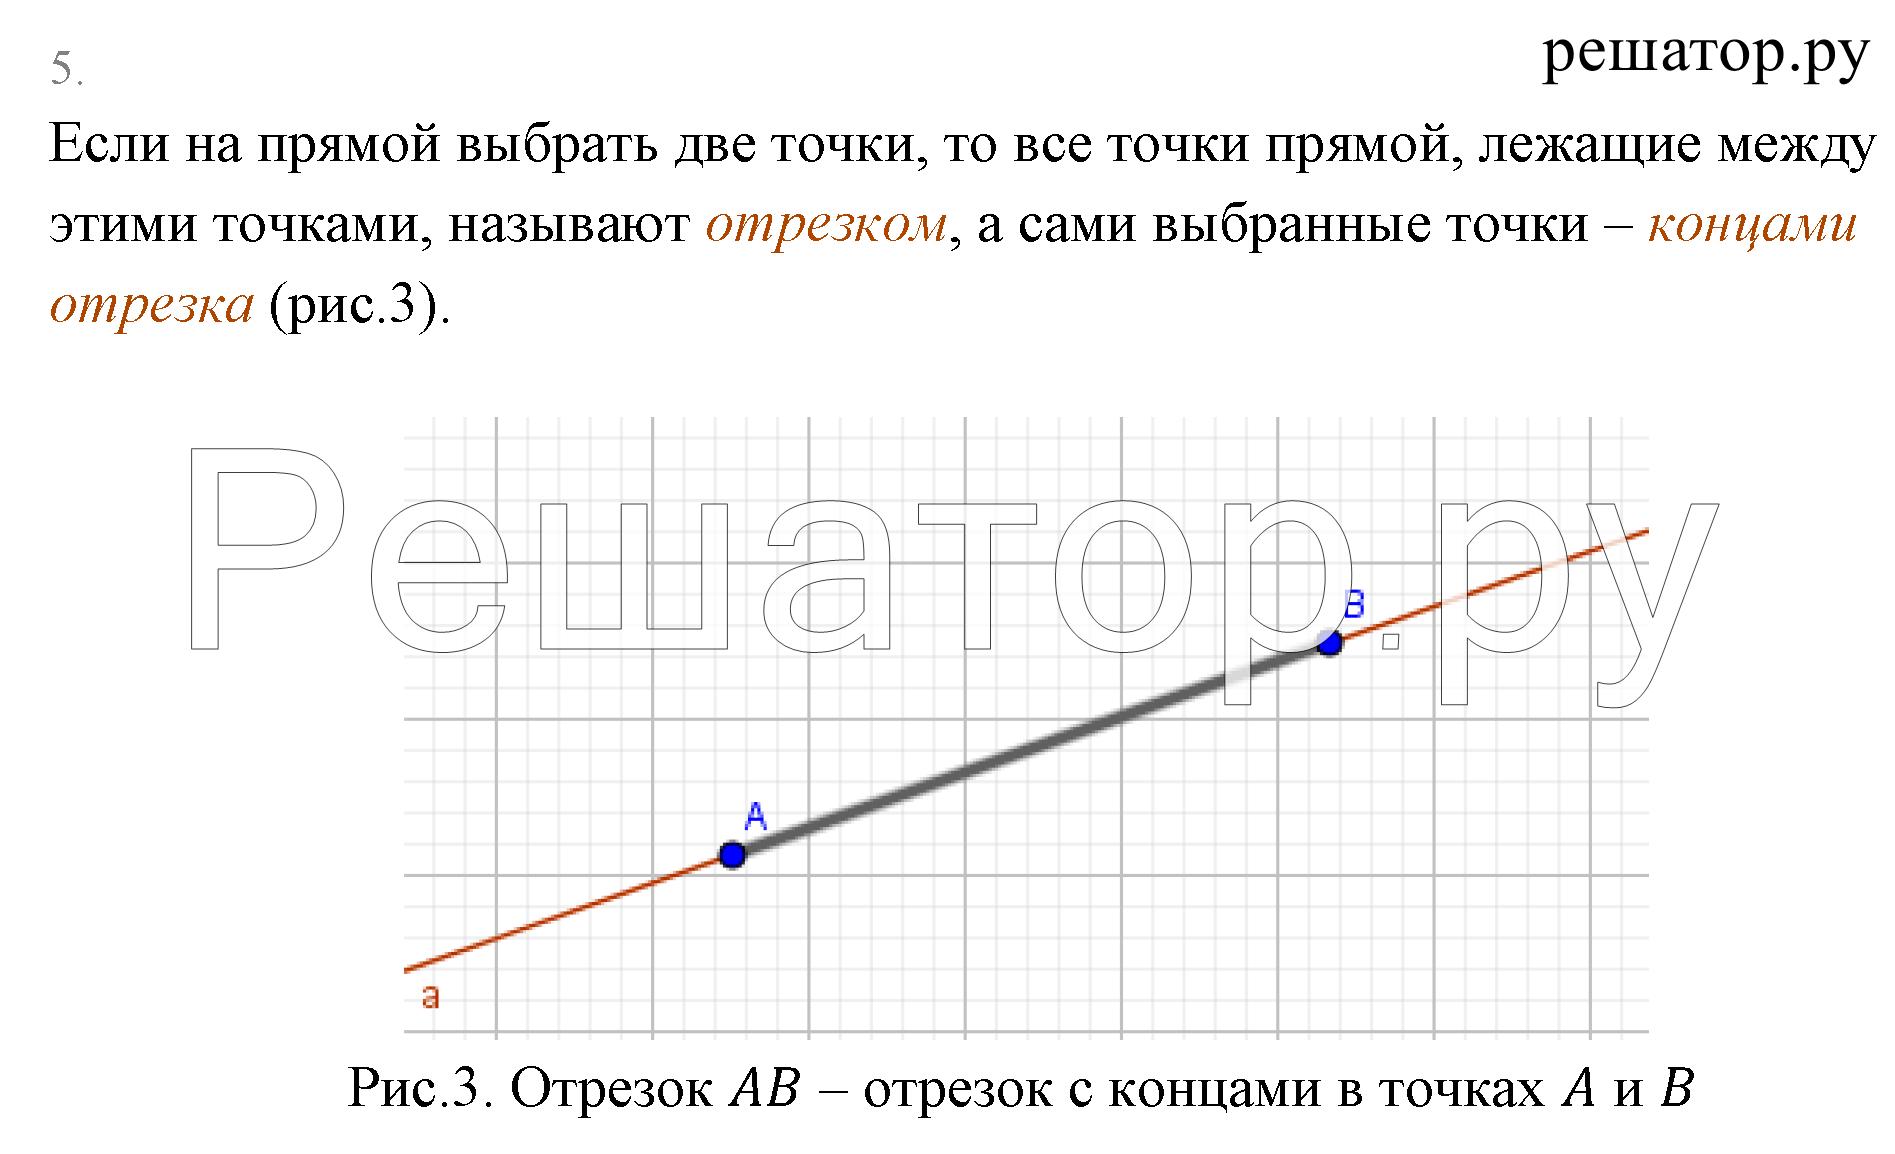 ГДЗ по геометрии класс Погорелов решебник онлайн  ГДЗ по алгебре 7 9 класс Погорелов ответы к учебнику